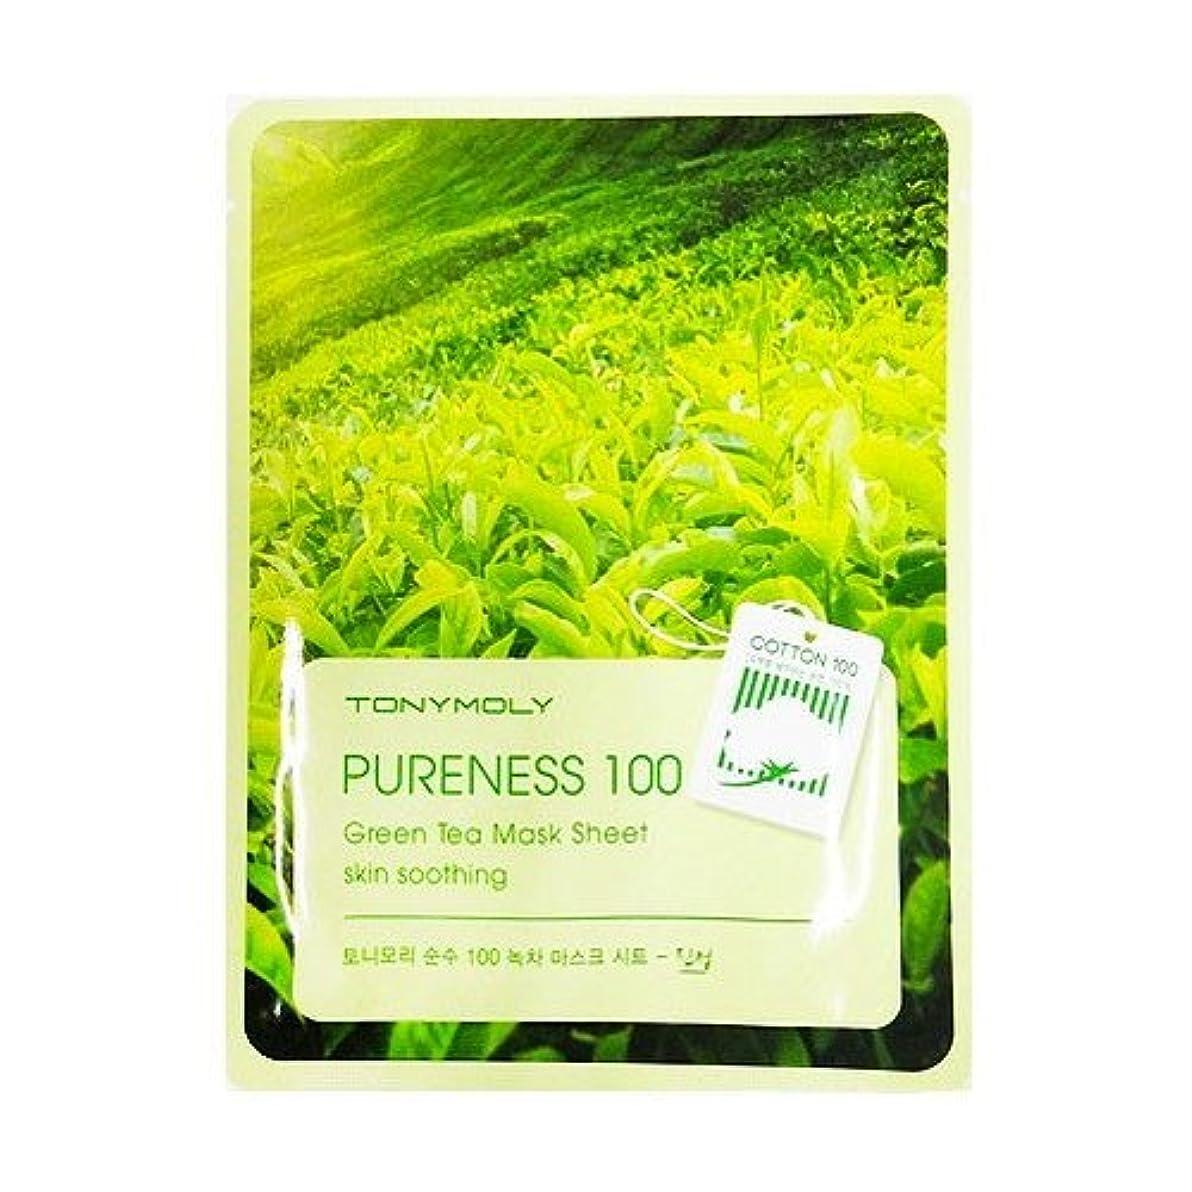 ディレイ仕事悪い(6 Pack) TONYMOLY Pureness 100 Green Tea Mask Sheet Skin Soothing (並行輸入品)